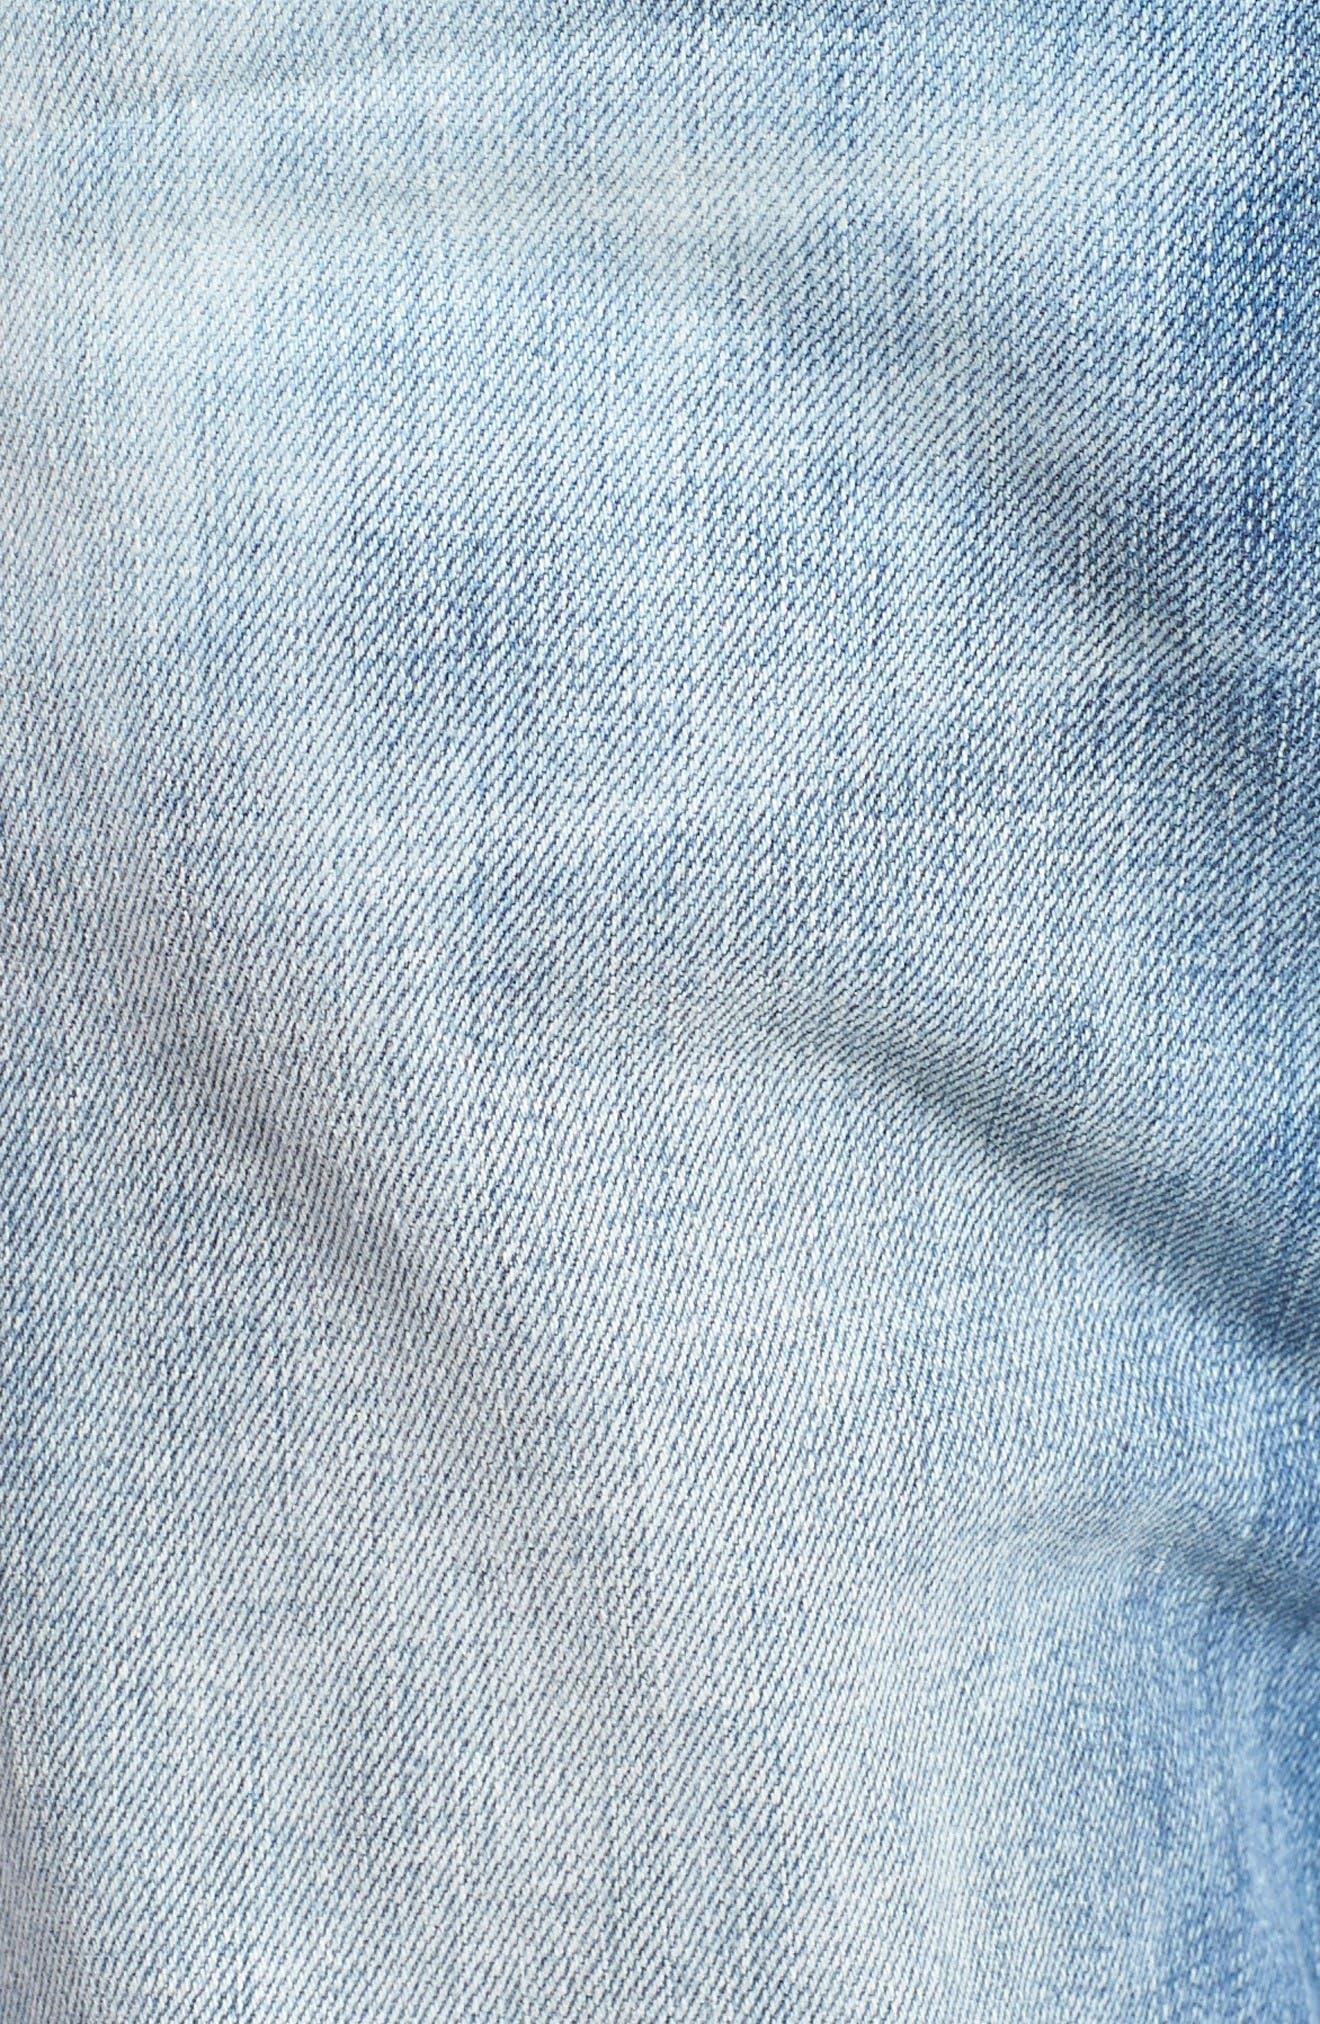 Alternate Image 5  - Hudson Jeans Blinder Skinny Fit Moto Jeans (Thrash)